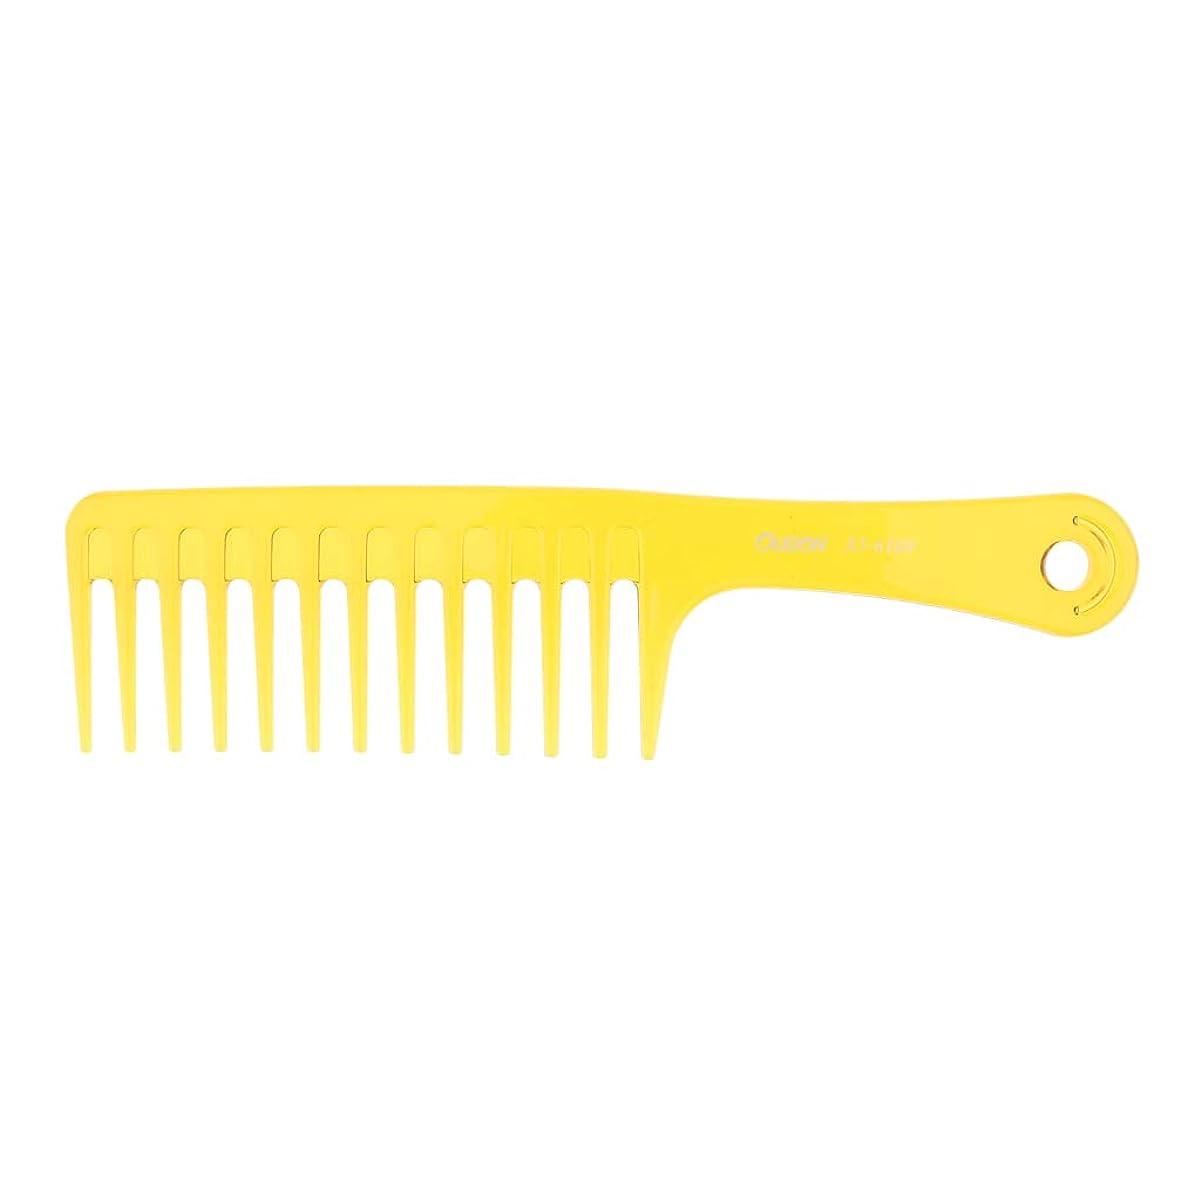 療法記念日間違いP Prettyia ヘアブラシ 帯電防止櫛 プラスチック製 ヘアコーム サロン用 自宅用 2色選べ - 黄